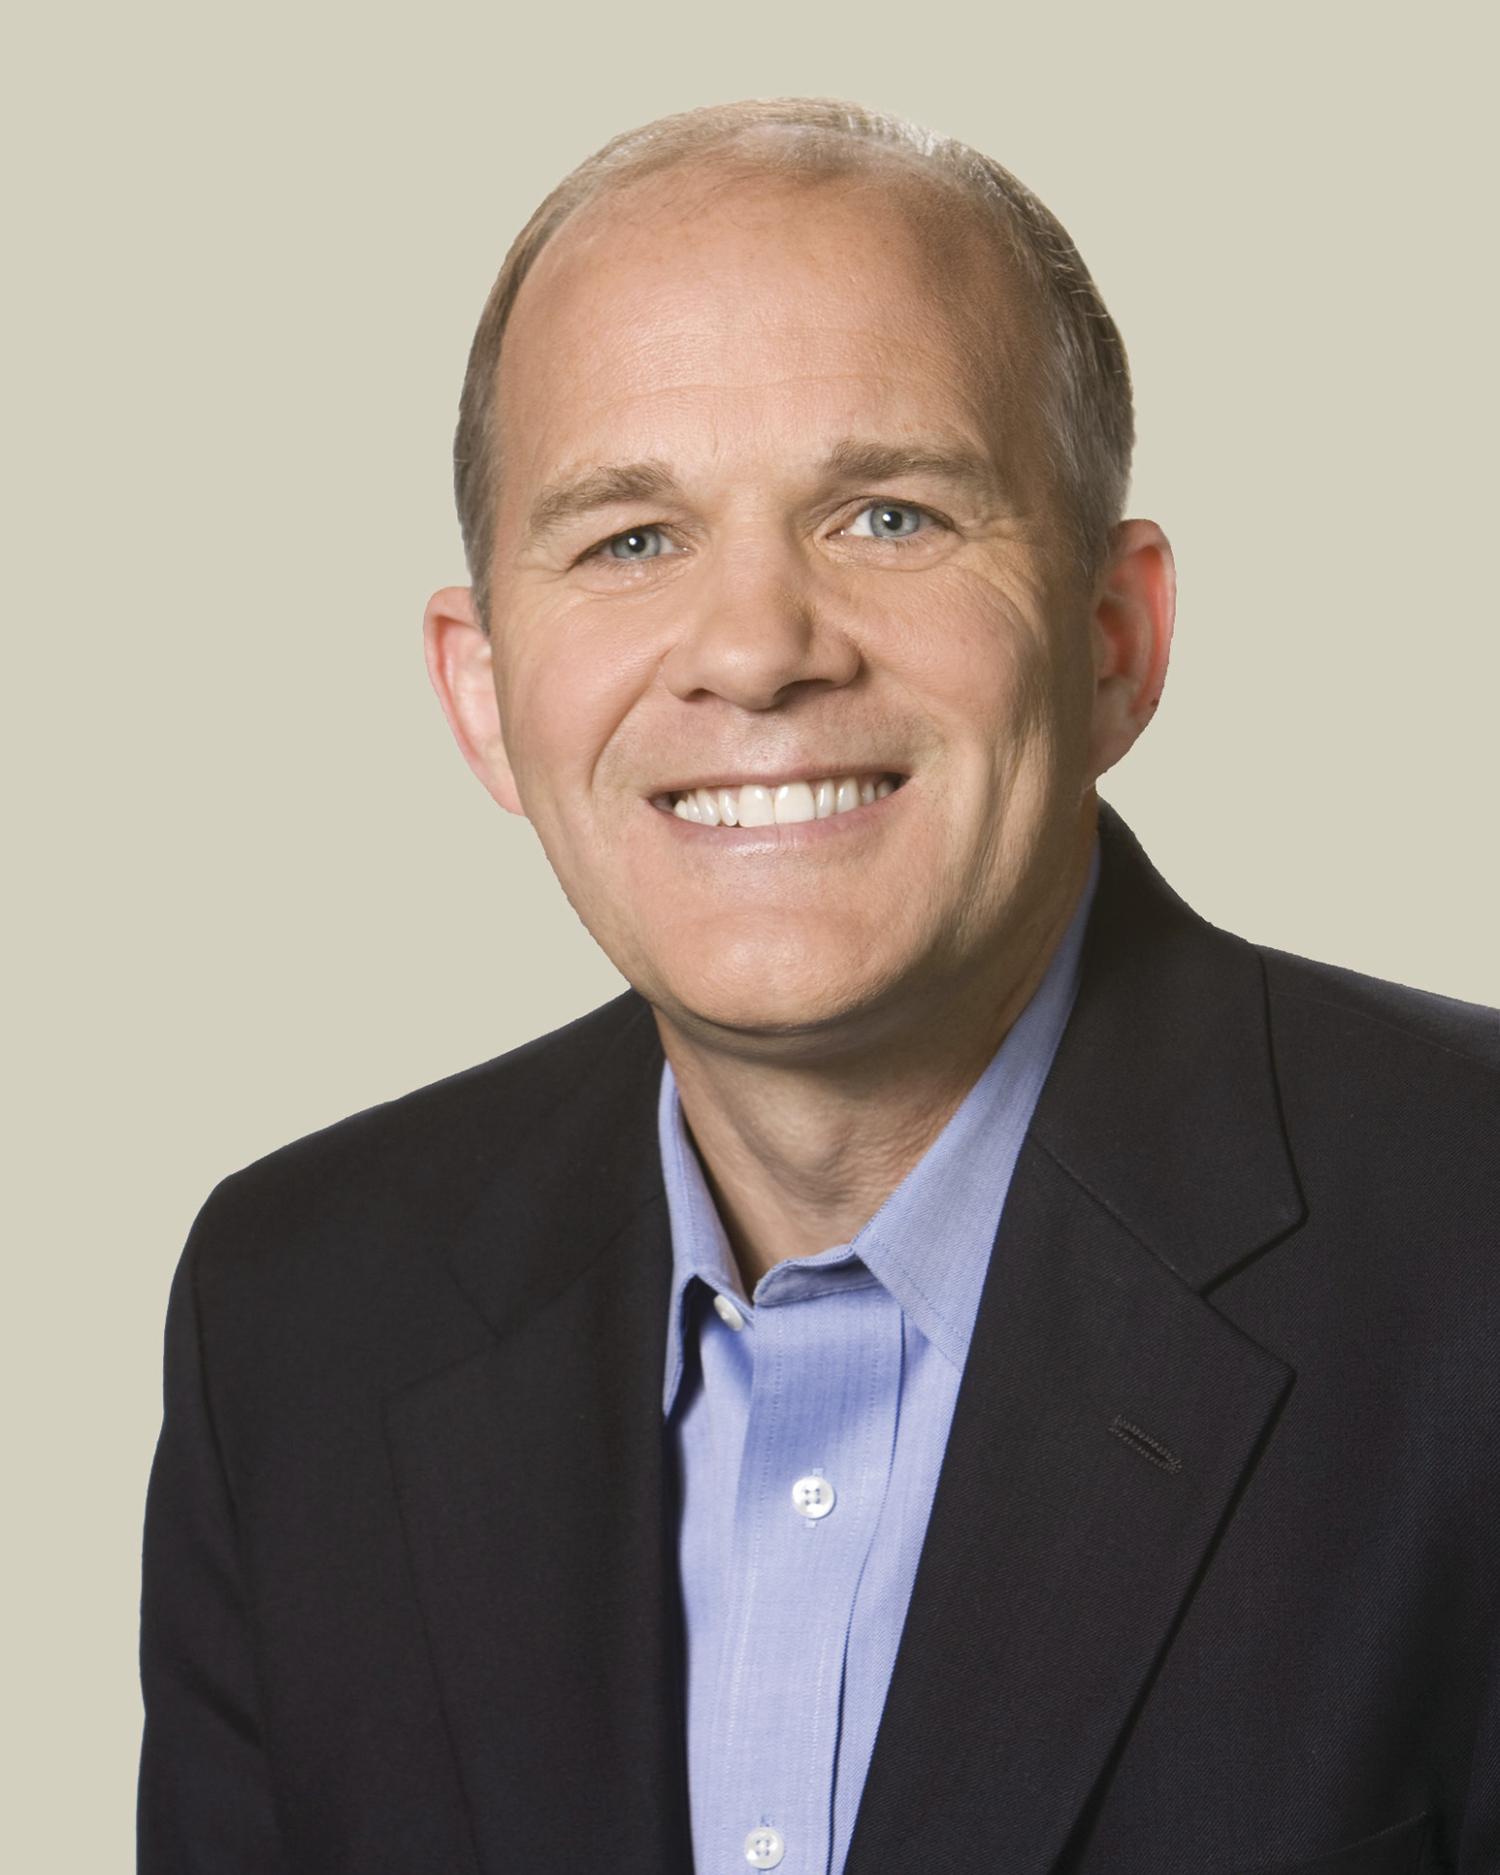 Gary L. Thomas